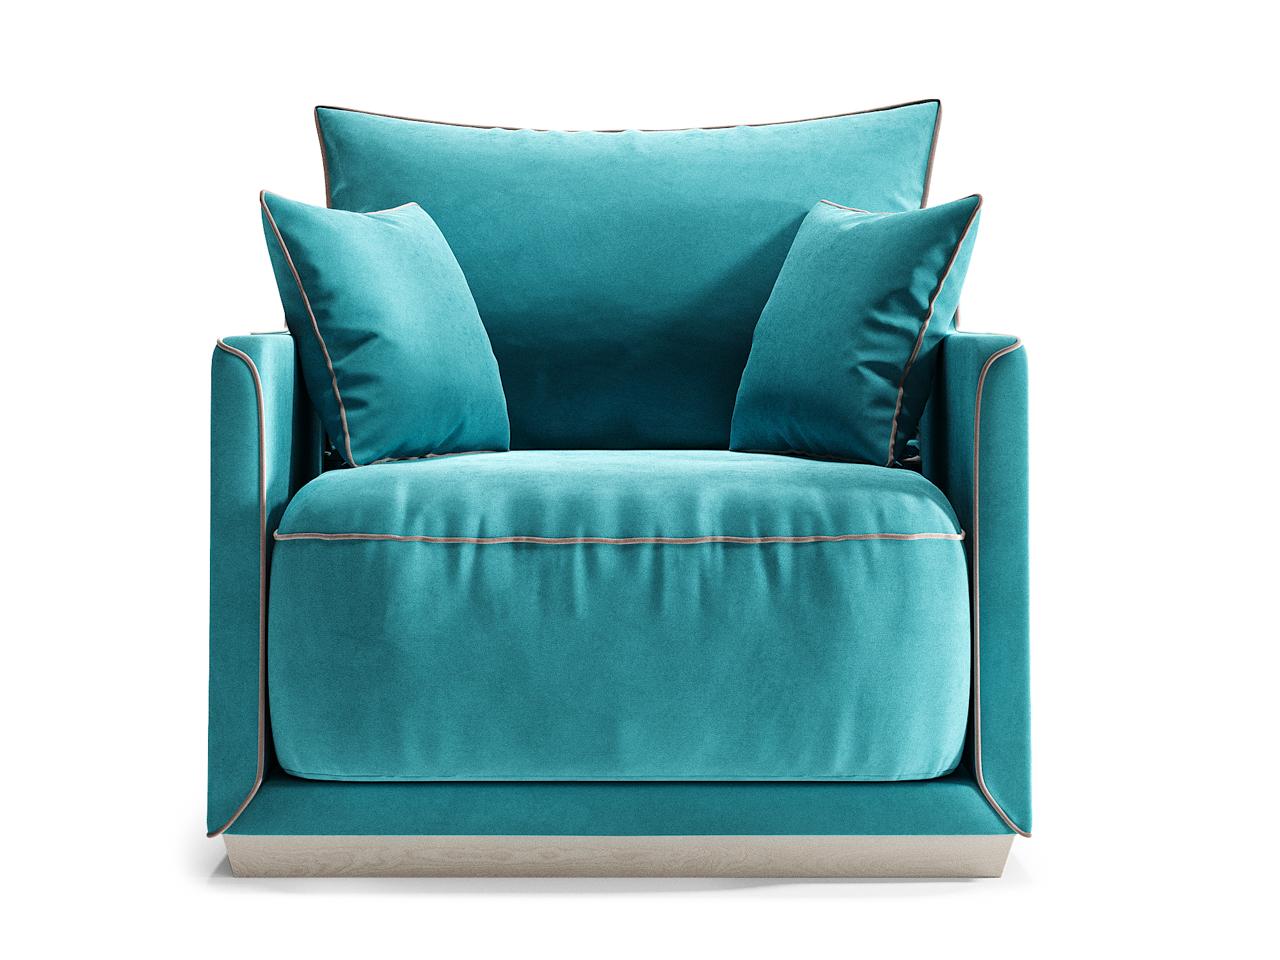 Кресло SohoИнтерьерные кресла<br>Кресло SOHO станет прекрасным акцентом в вашем интерьере, а также может стать отличным дополнением к дивану SOHO.Оно гармонично сочетает в себе мягкие пуховые подушки, удобные и глубокие нижние подушки, основательный цоколь и прочный каркас из массива березы. Изюминкой коллекции стали декоративные канты, цвет которых можно выбрать наравне с основной отделкой диванов из палитры The IDEA. Дополняют образ плавные боковые линии каркаса.Цвет канта можно выбрать из палитры тканей Категории 2.<br><br>Material: Текстиль<br>Ширина см: 94.0<br>Высота см: 92.0<br>Глубина см: 94.0